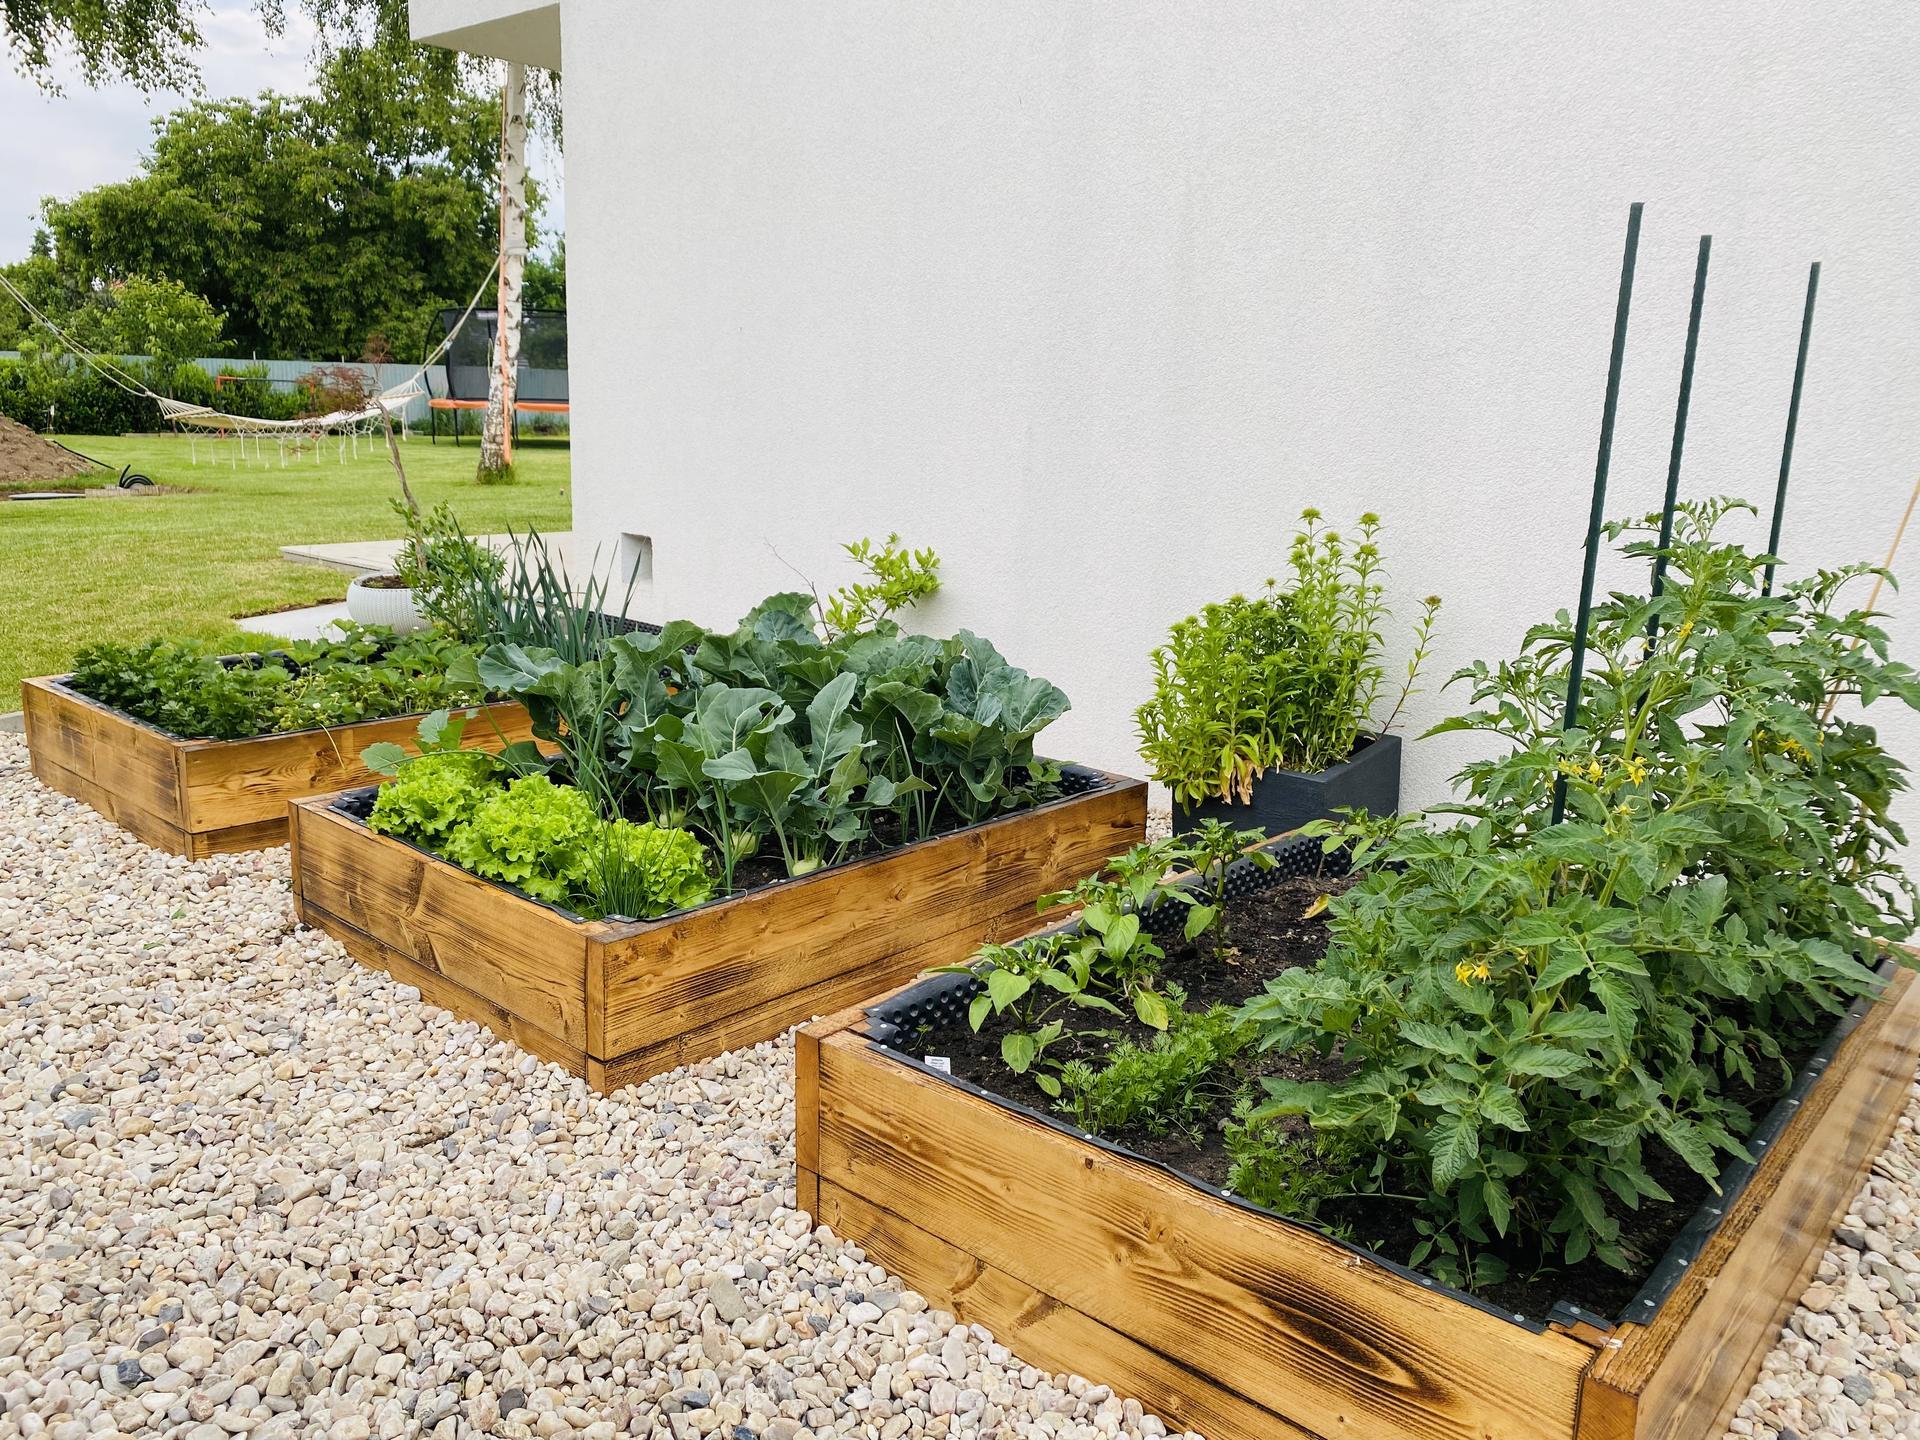 🏚 - Paradajky, mrkva, paprika. Šalát, cibuľa, kel, fazuľové lusky. Jahody , celer, pór a bylinky.